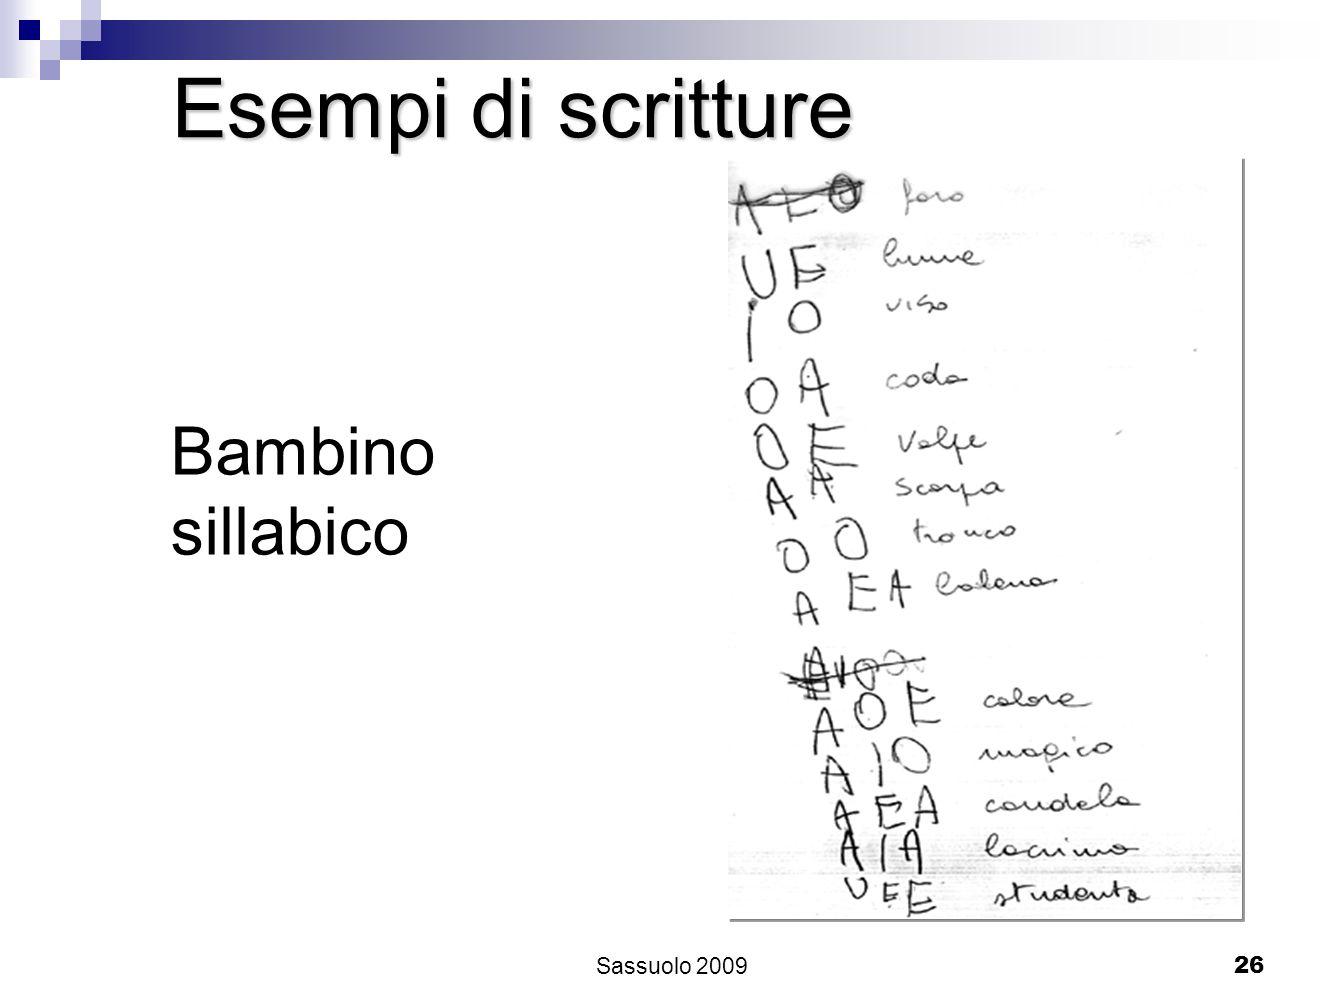 26 Bambino sillabico Esempi di scritture Sassuolo 2009